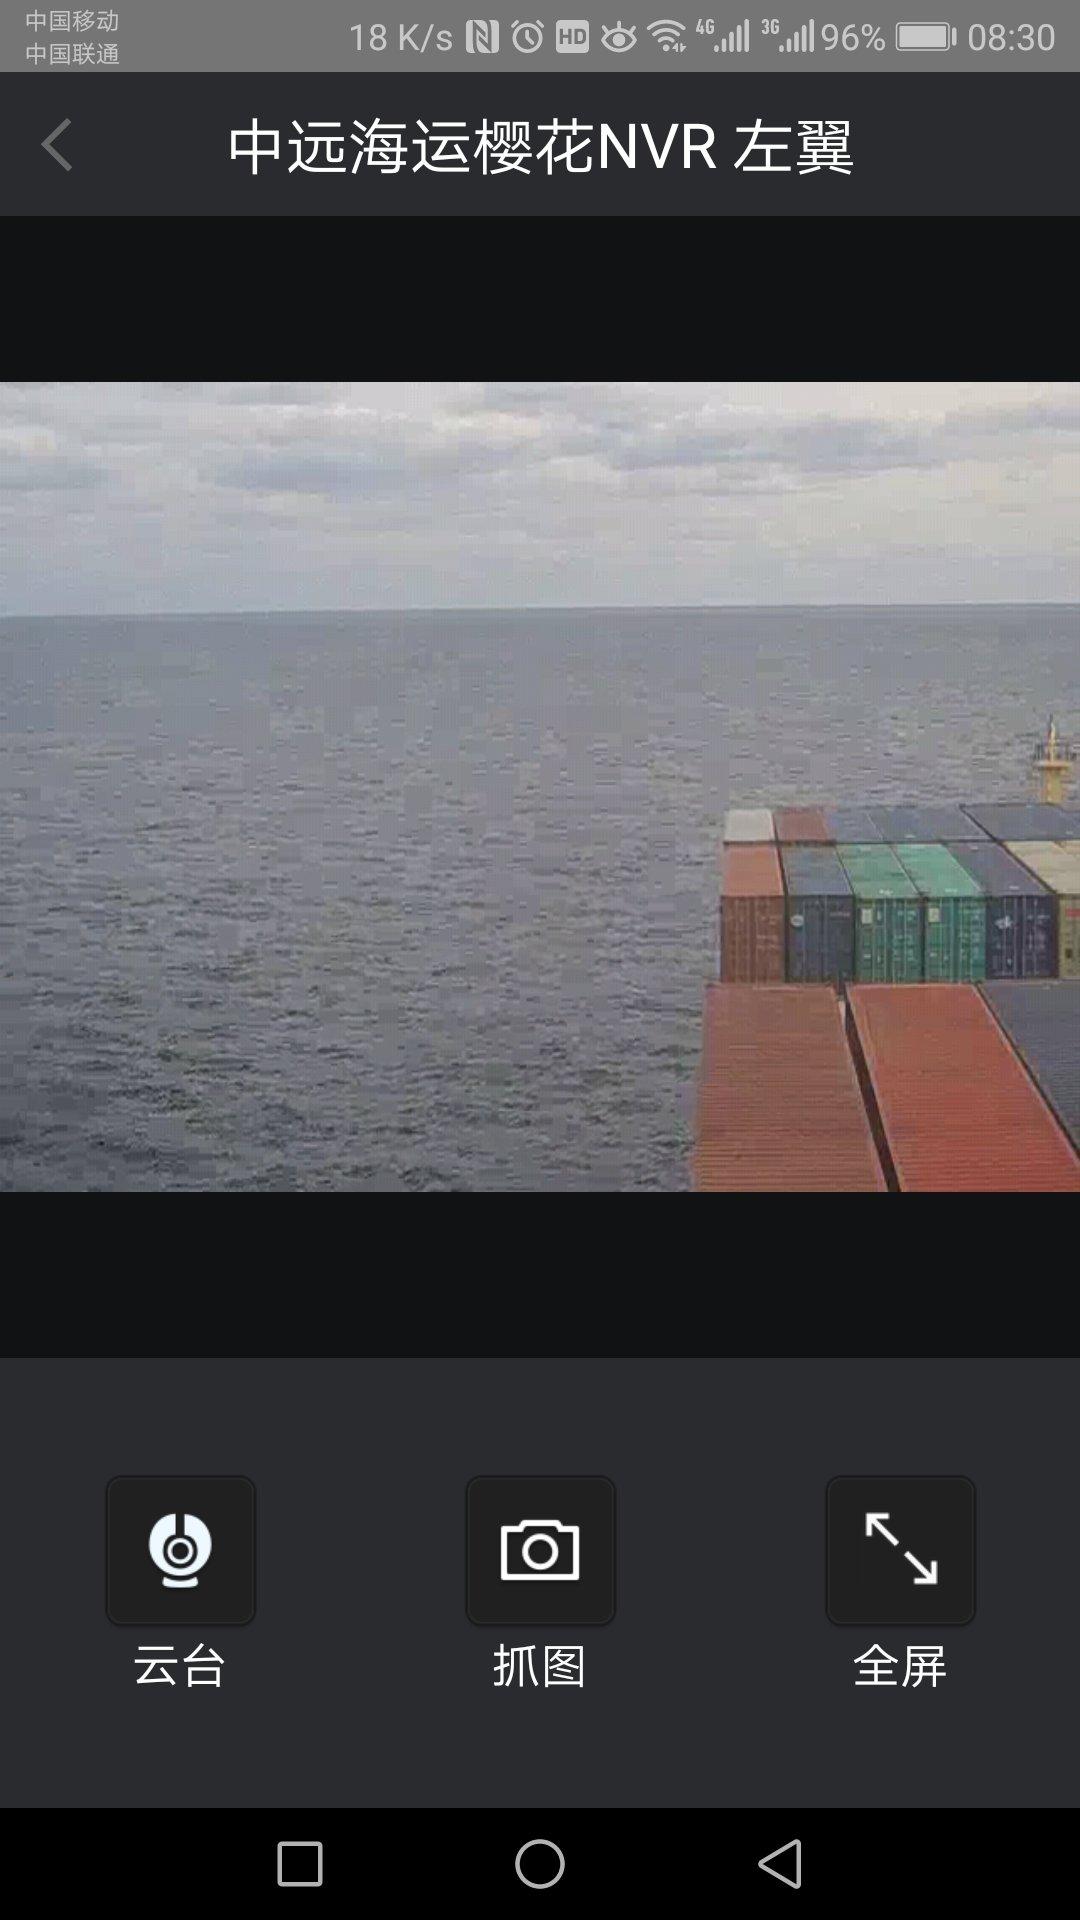 中远海船舶监控图1